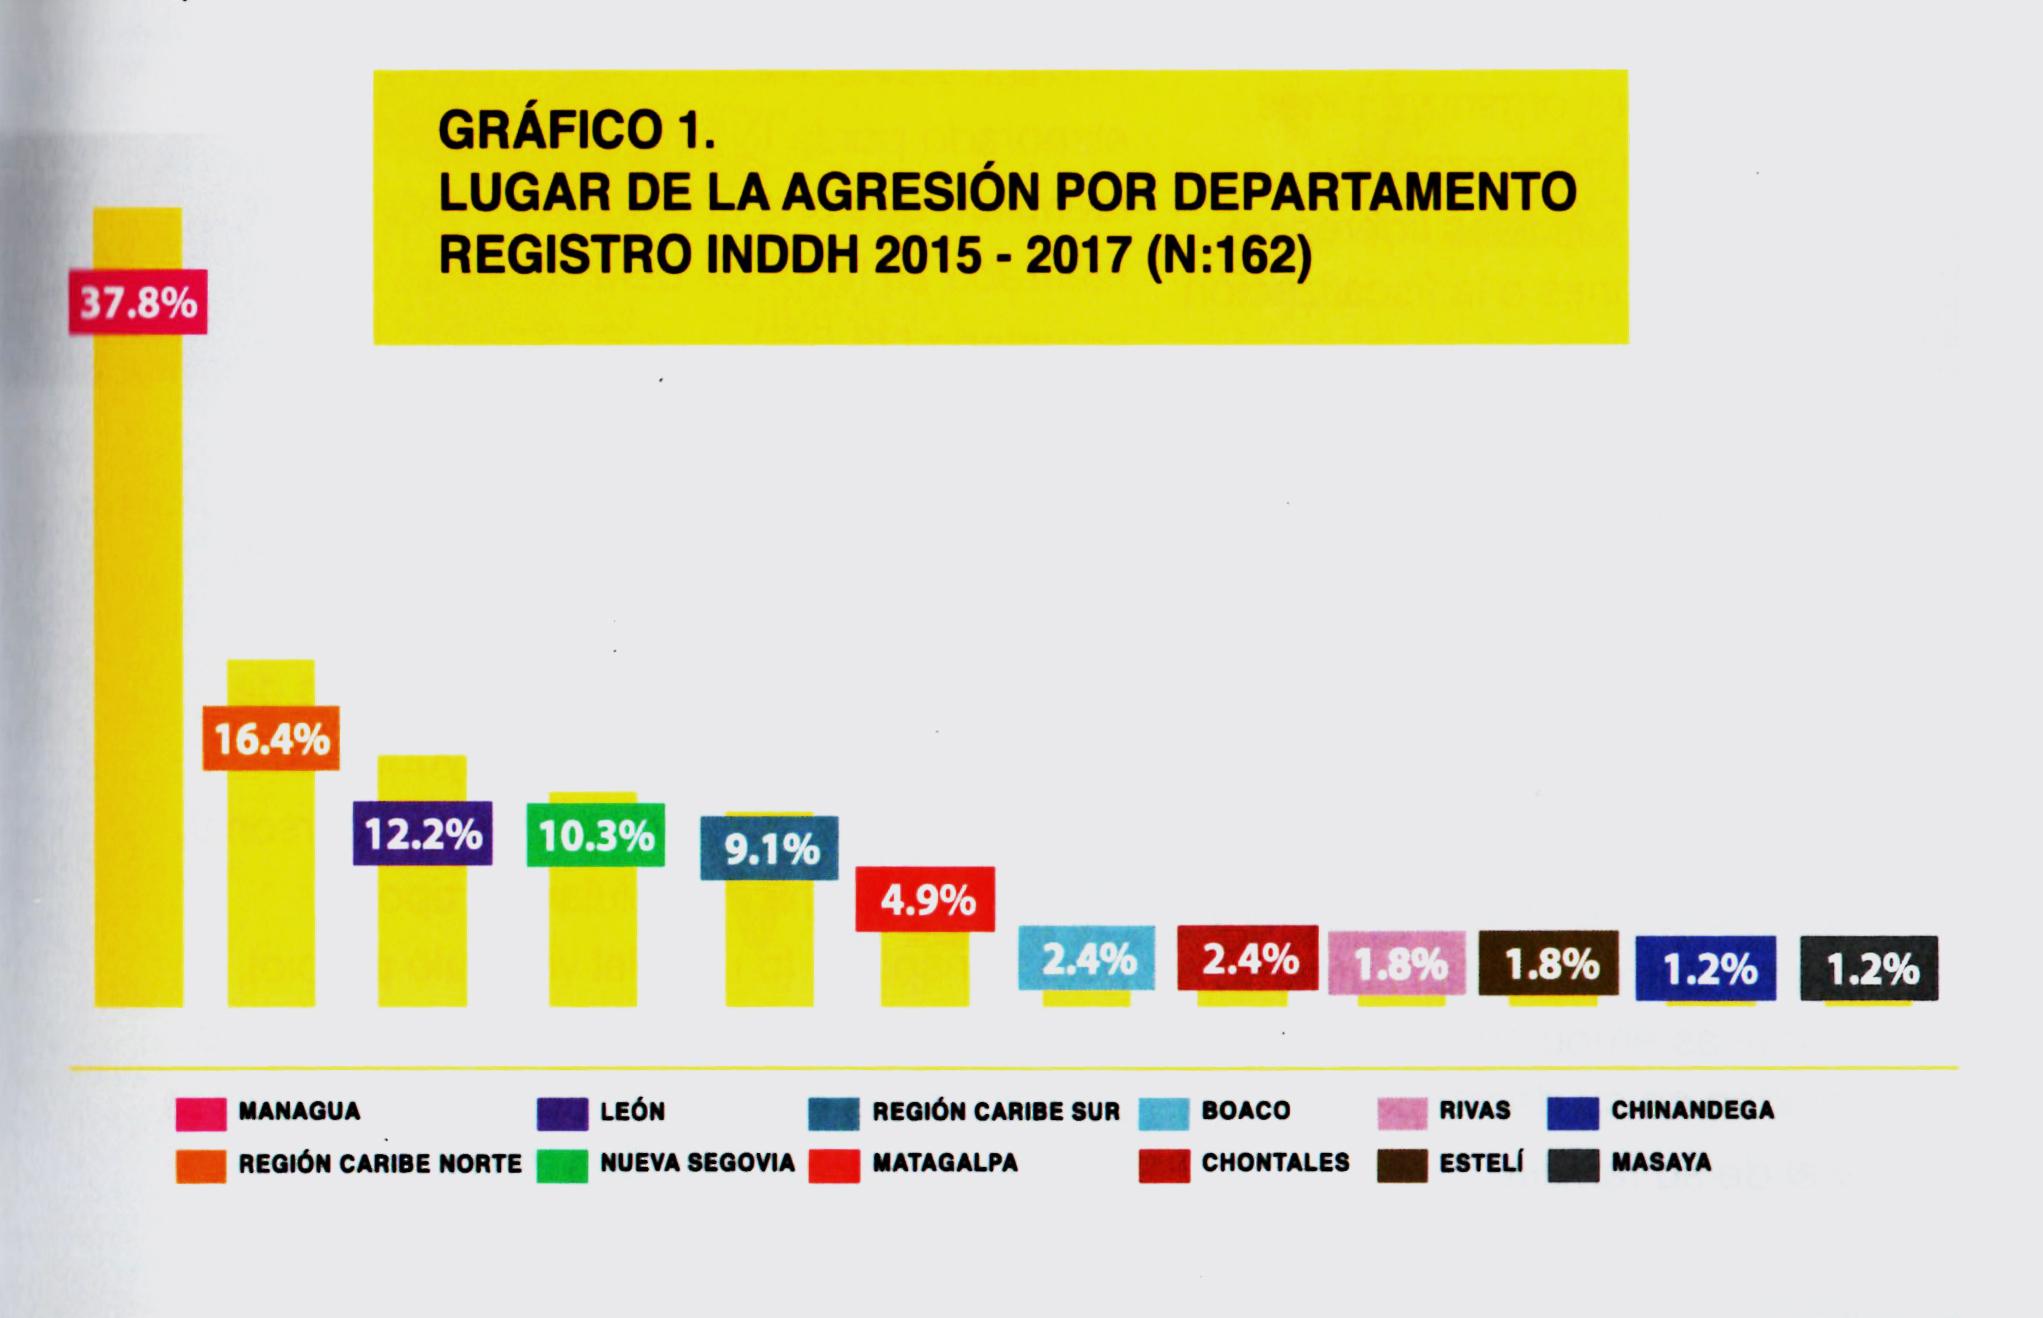 Una de cada tres agresiones se registraron en Managua, seguido del Caribe Norte, León y las Segovias.